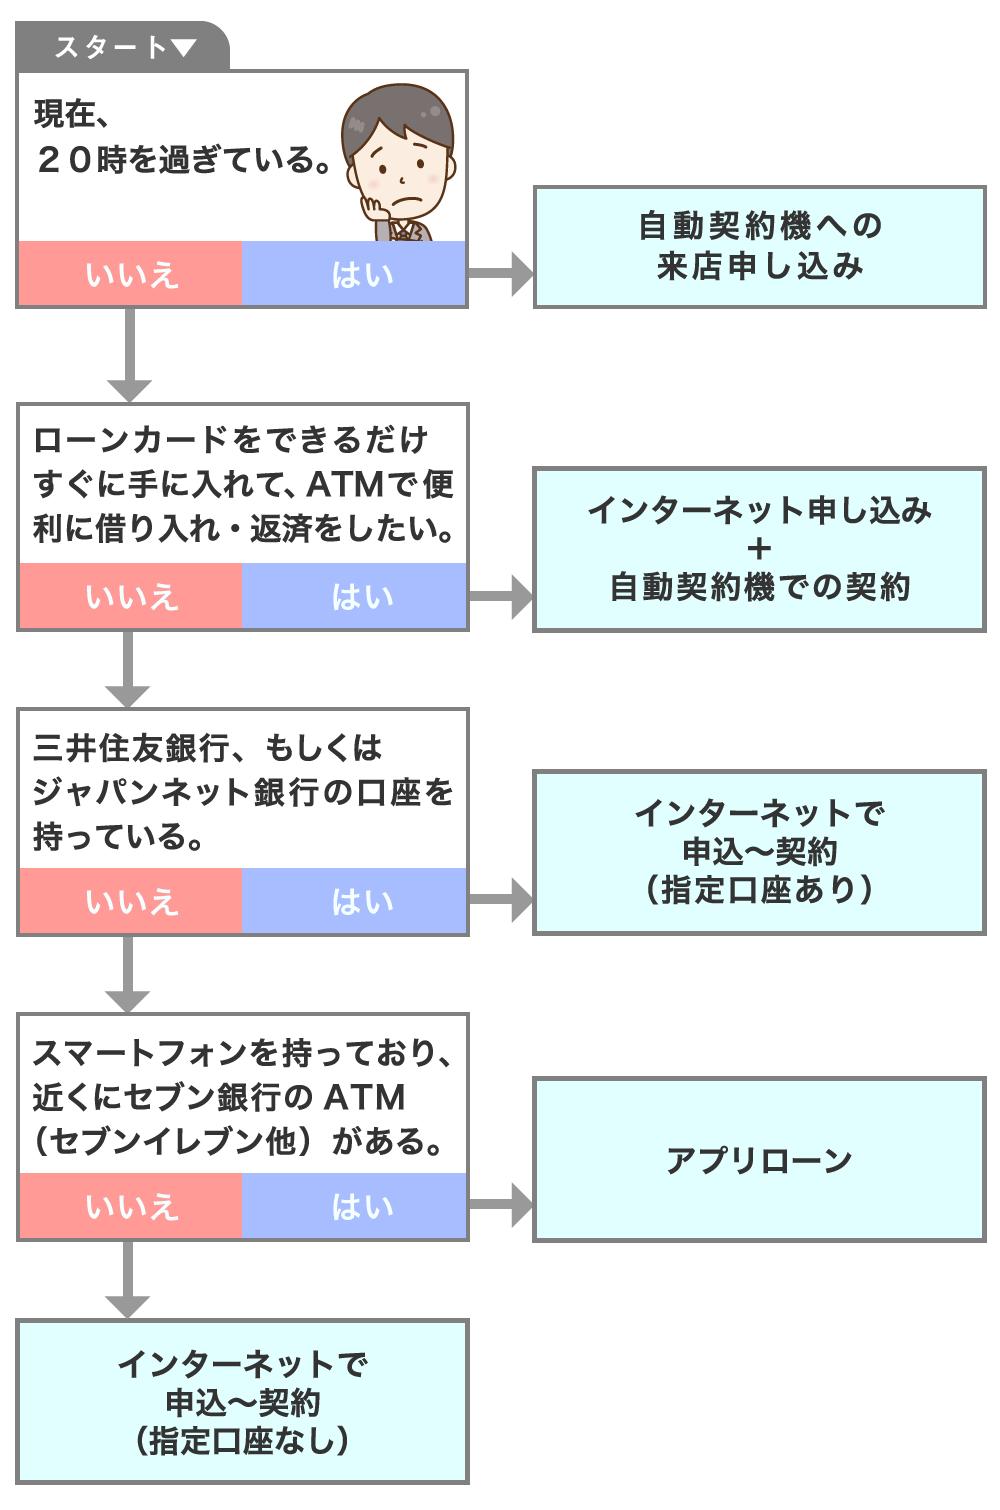 ★契約方法選択のフローチャート